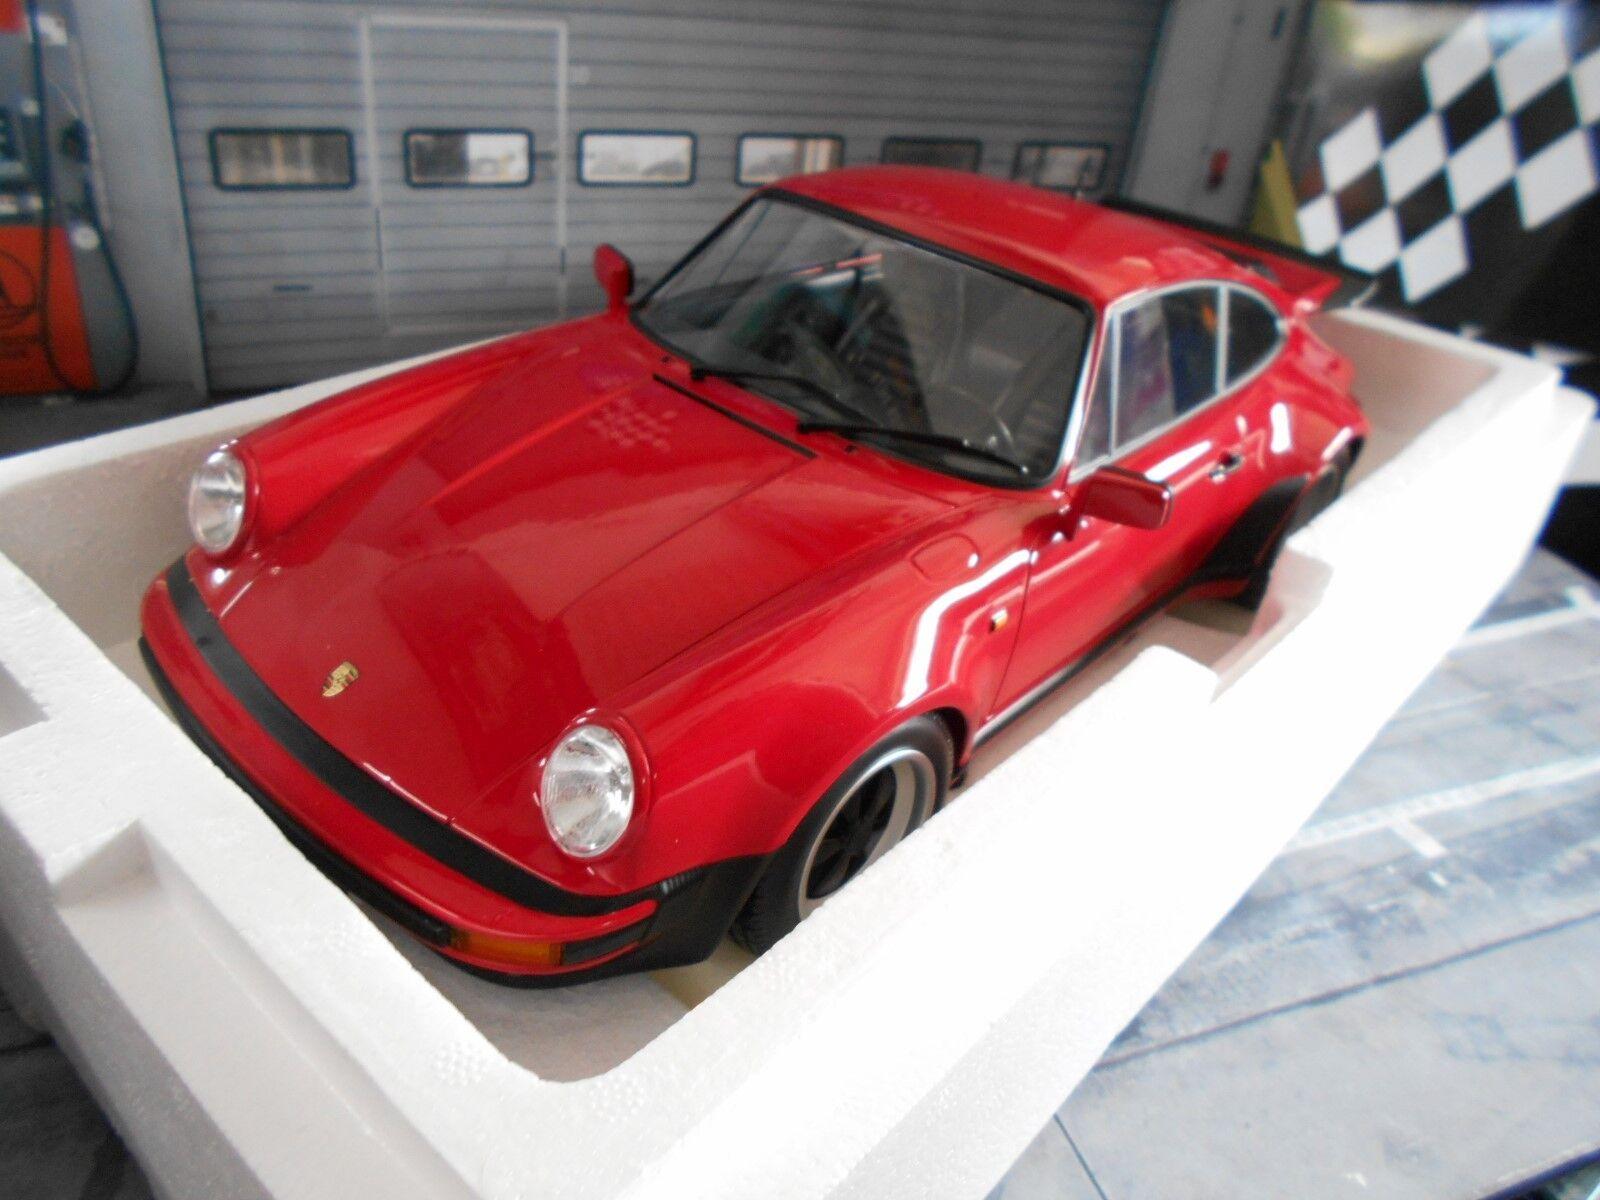 PORSCHE 911 930 TURBO COUPE Strawberry red rosso 3.0 1976 Minichamps enorme 1:12